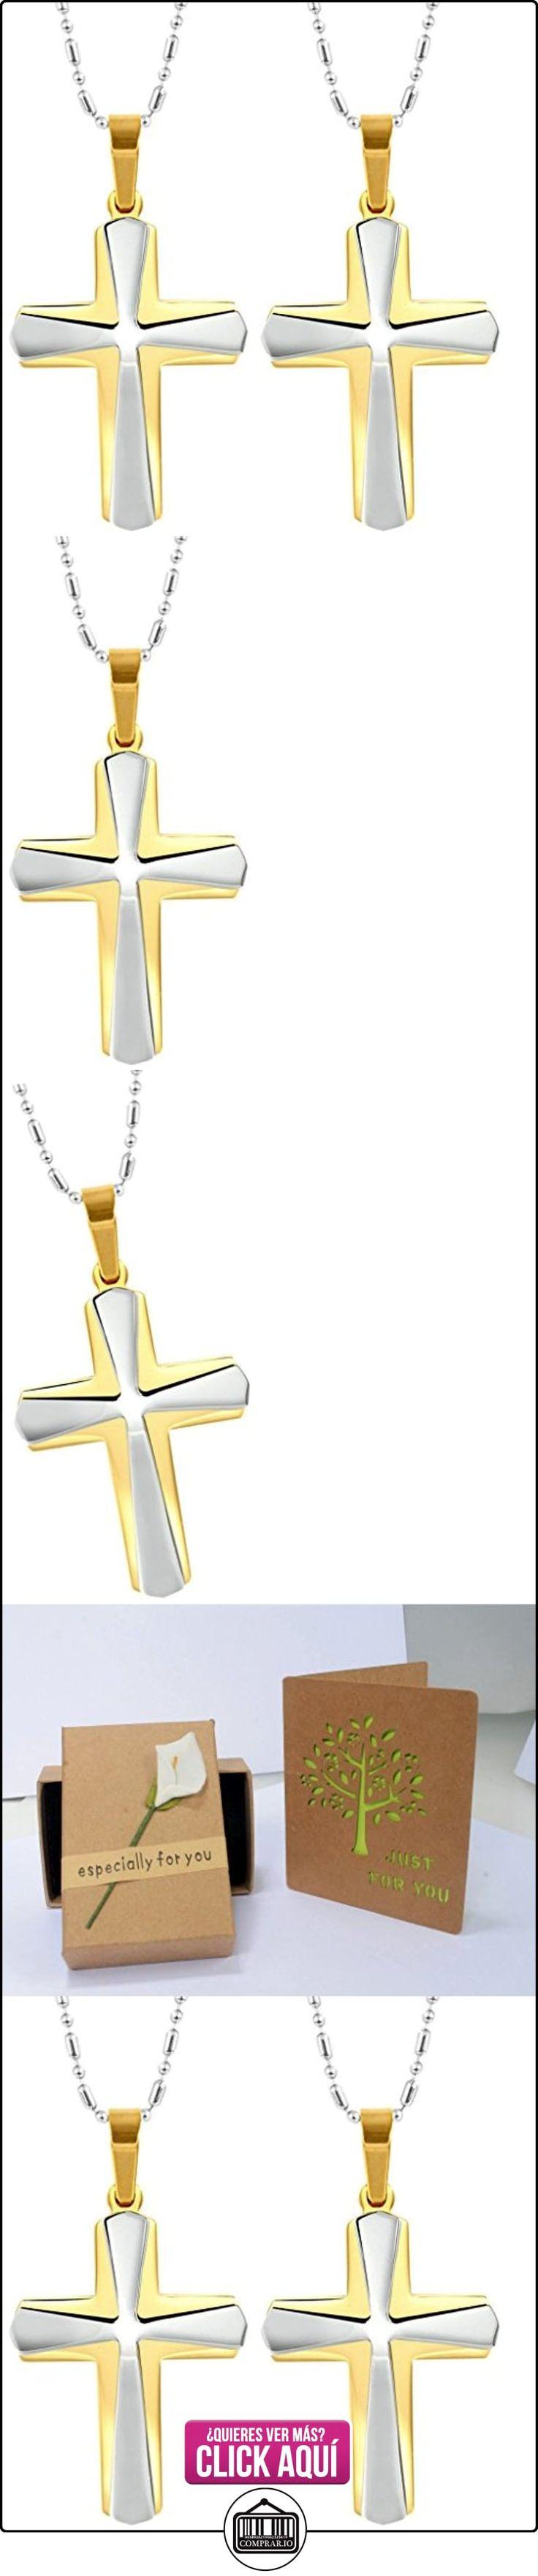 Daesar Conjuntos de Joyería Colgante Collar Acero Hombre, Doble Convexo Cruz Crucifijo Colgante para Hombres con Aleatoria Cadena  ✿ Joyas para niños - Regalos ✿ ▬► Ver oferta: https://comprar.io/goto/B01CNZQSXM